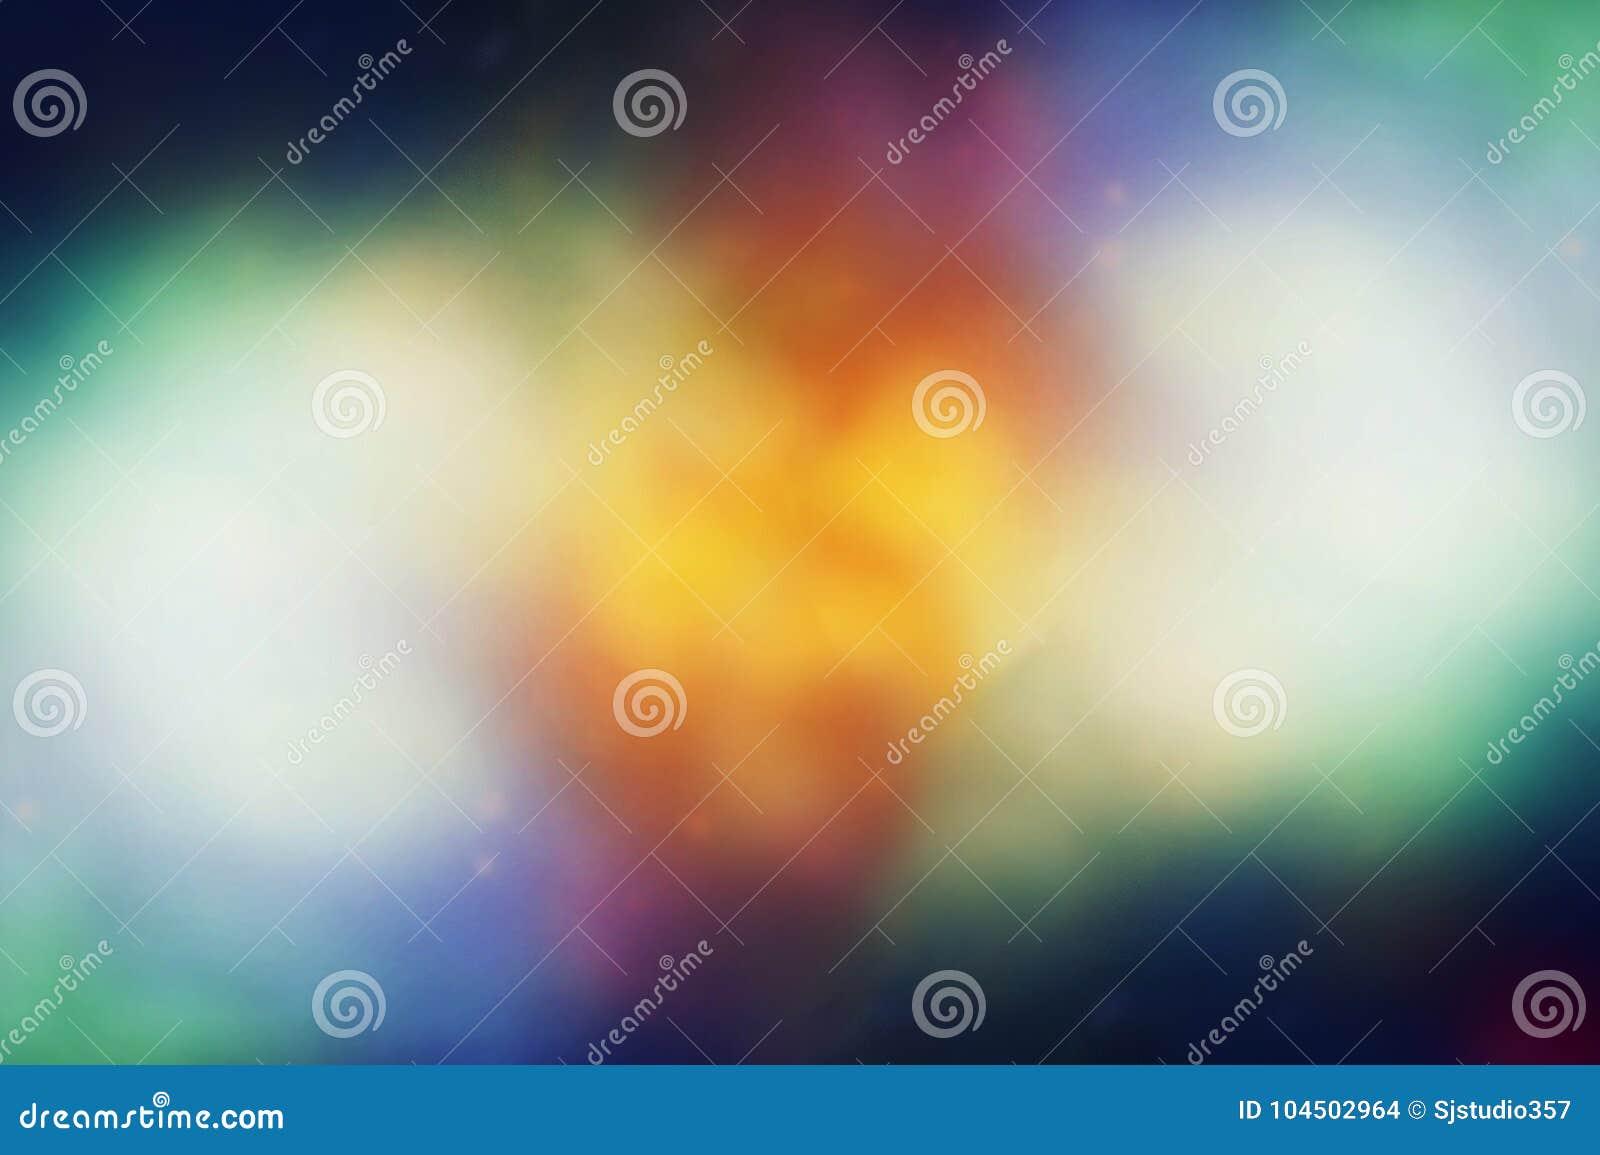 Ausgezeichnet Verwendung Der Farbzusammenfassung Ideen - Entry Level ...